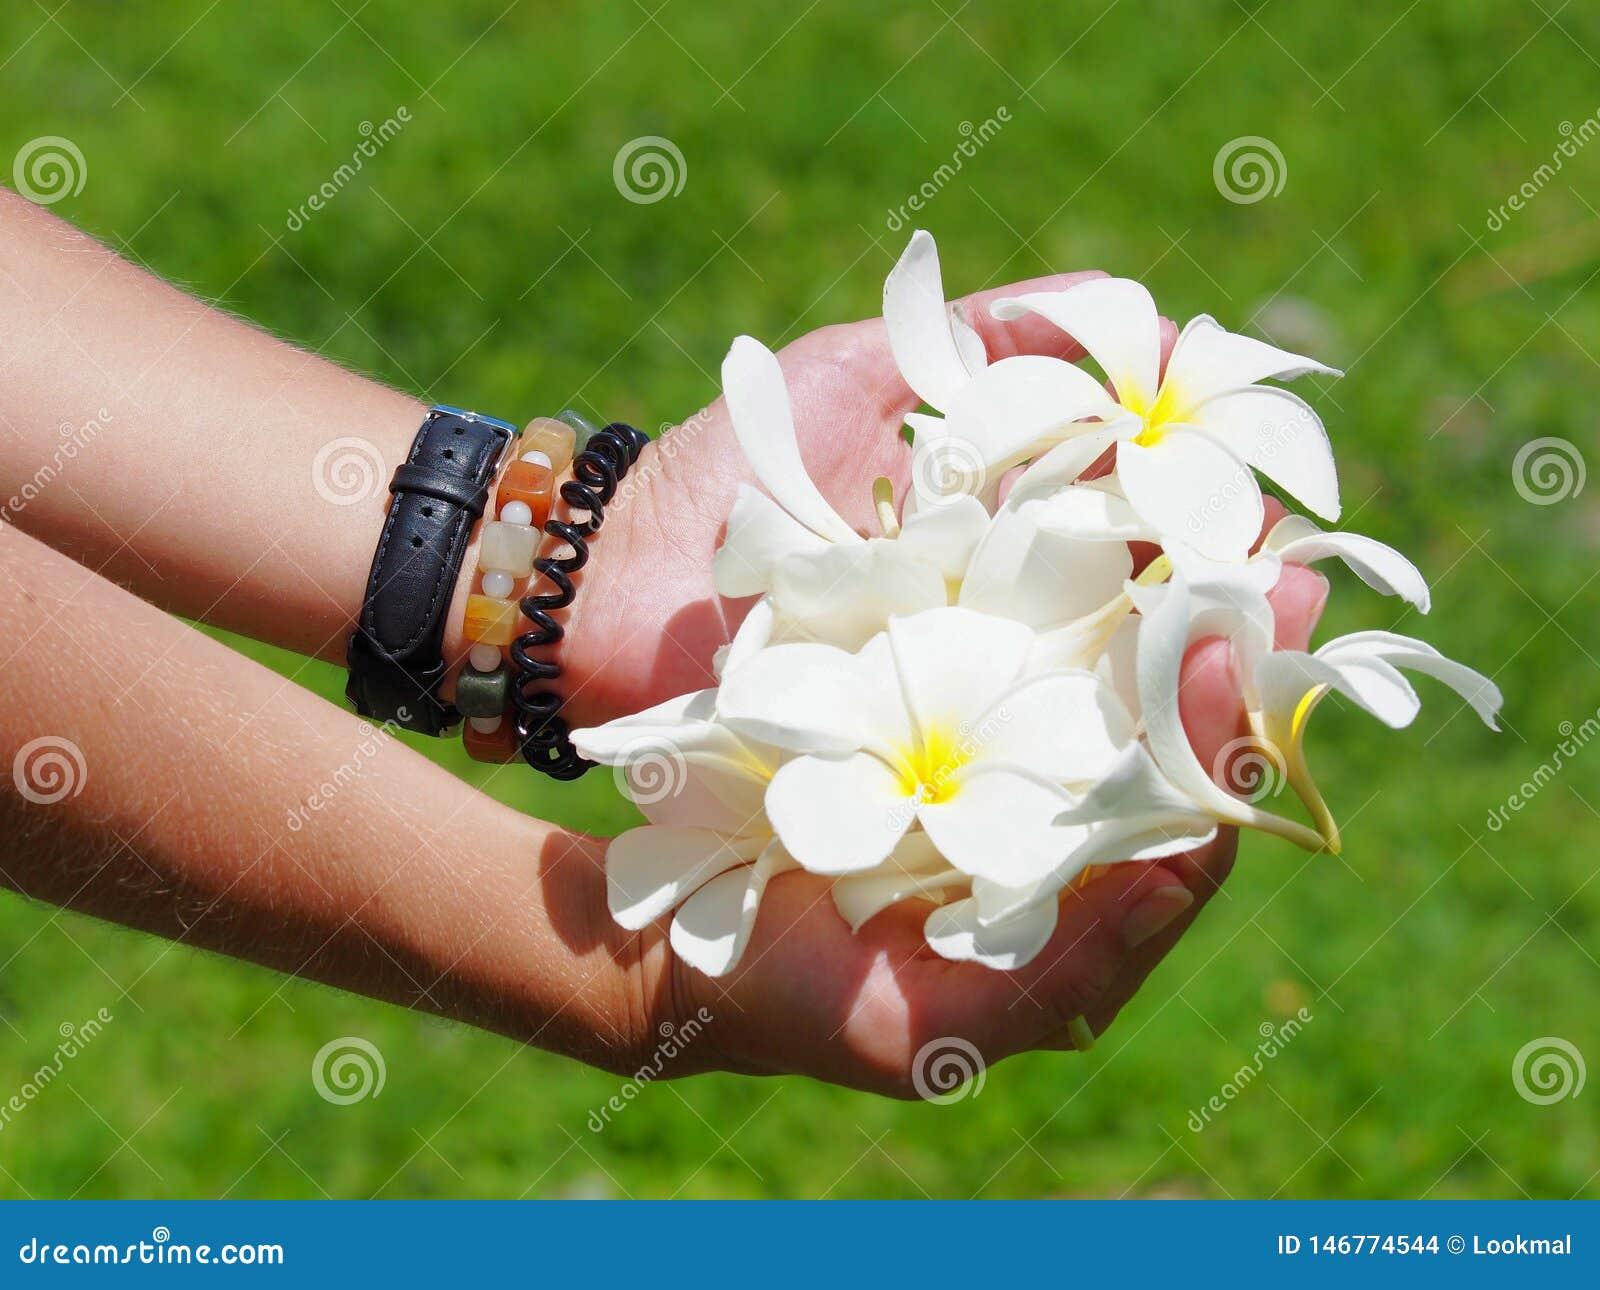 Witte bloemen in handen die een kom vormen